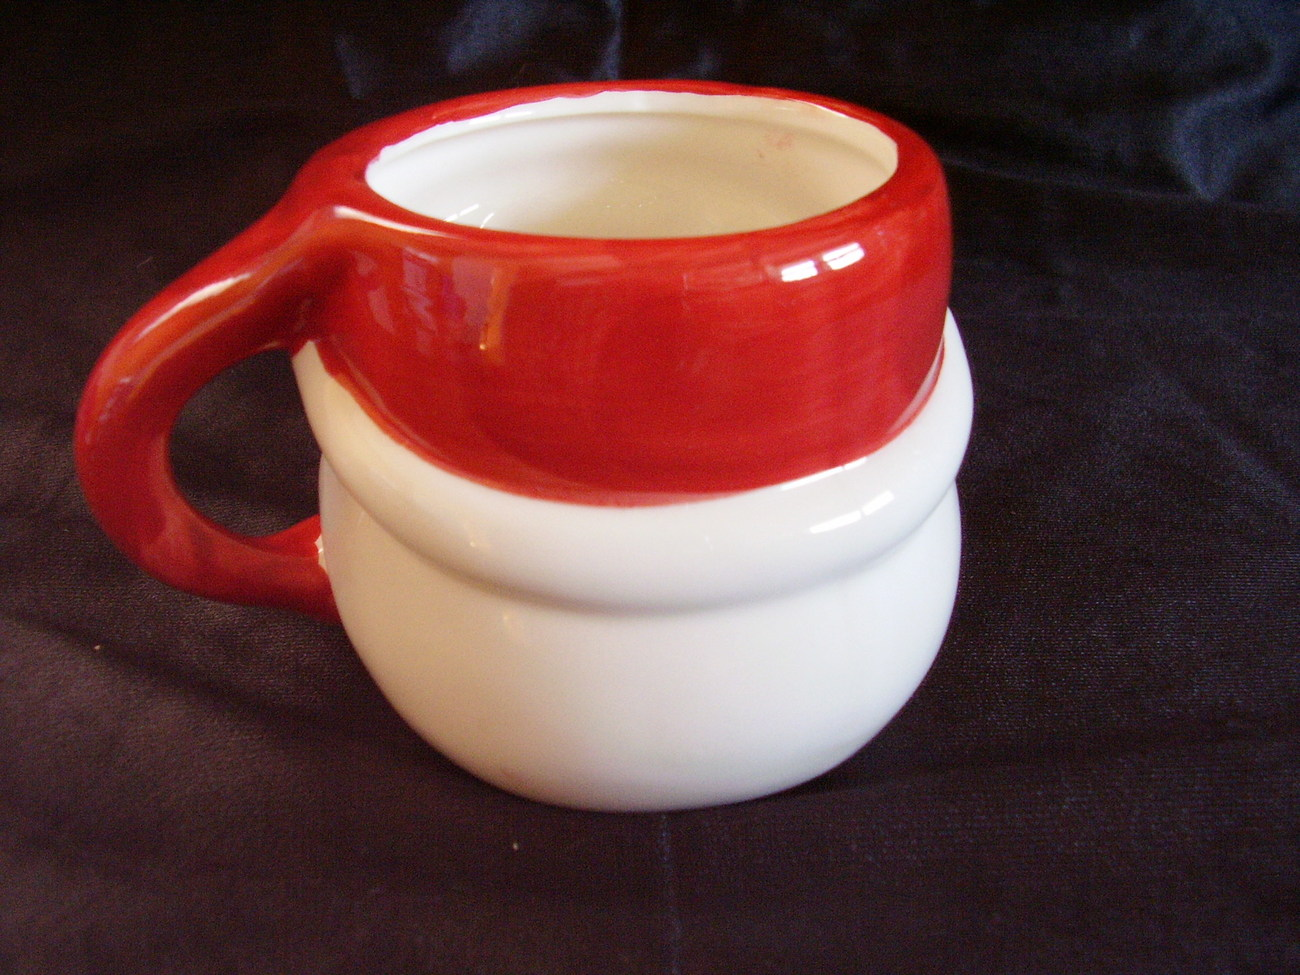 Christmas Santa Chocolate Mug Cup Collectible B